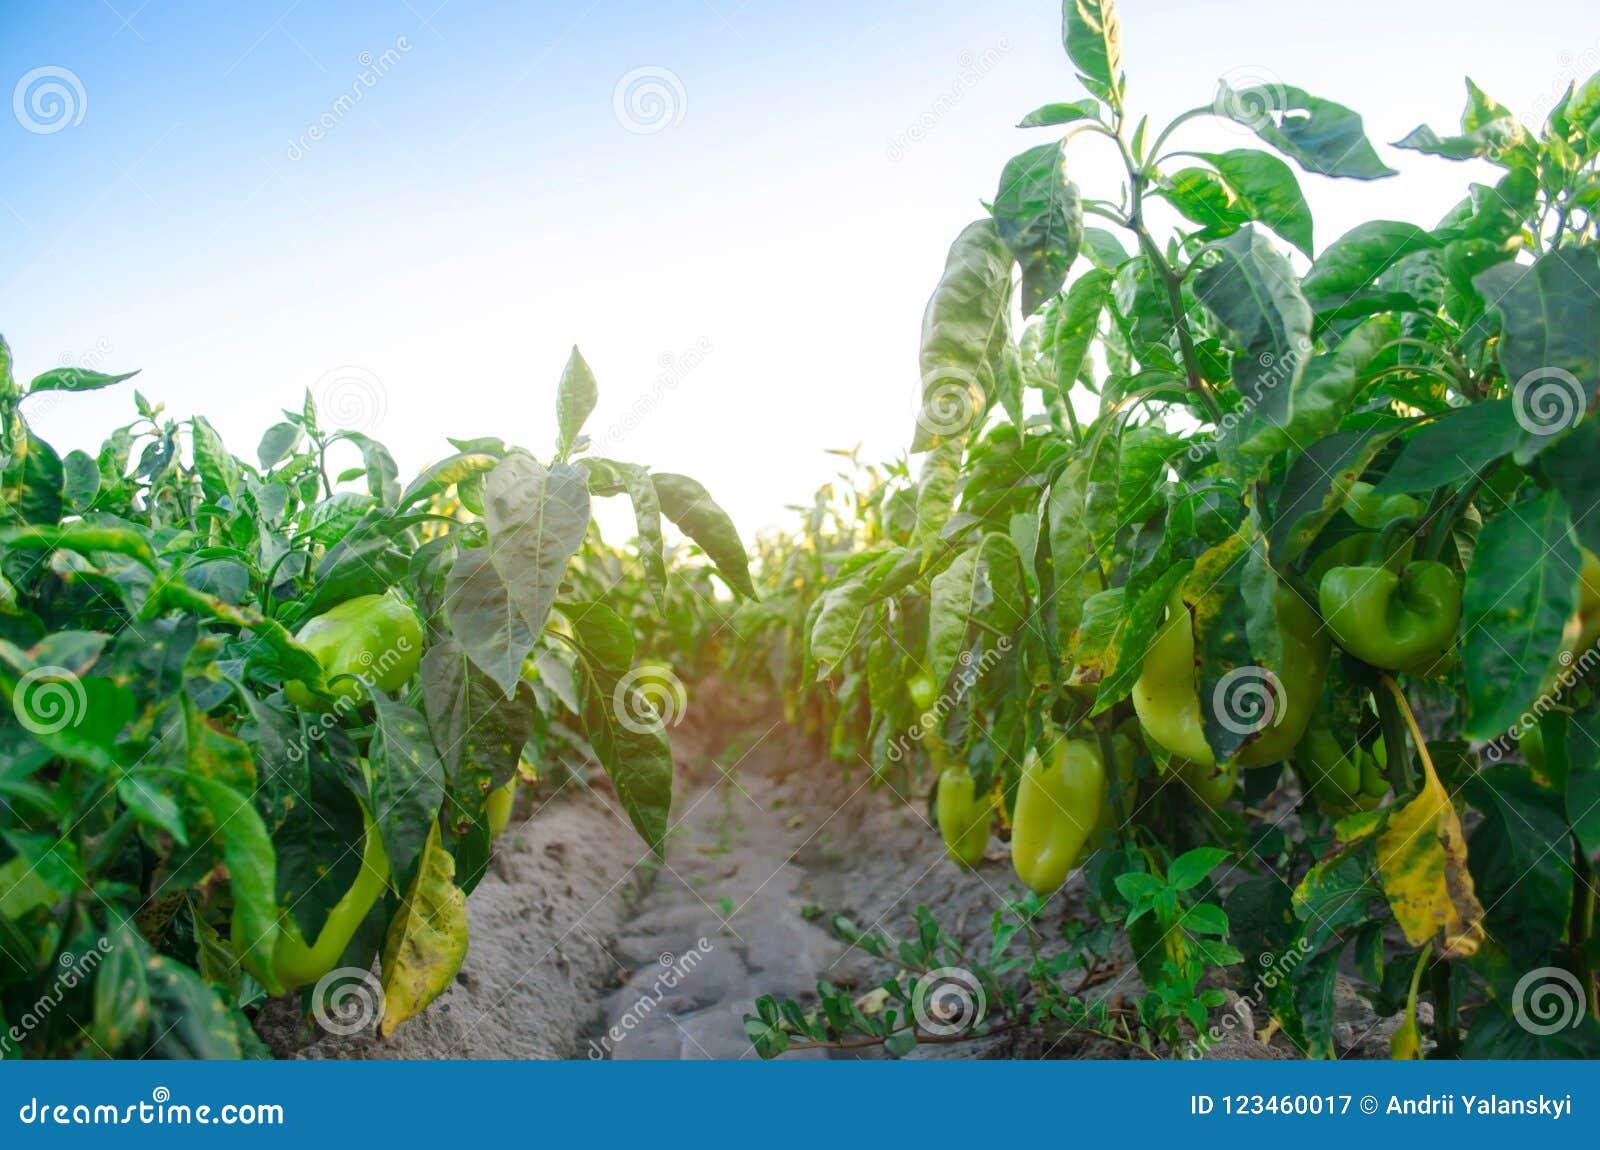 Заболевание перца причинено вирусом Phytophthora Infestans Земледелие, сельское хозяйство, урожаи заболевание овощей на поле